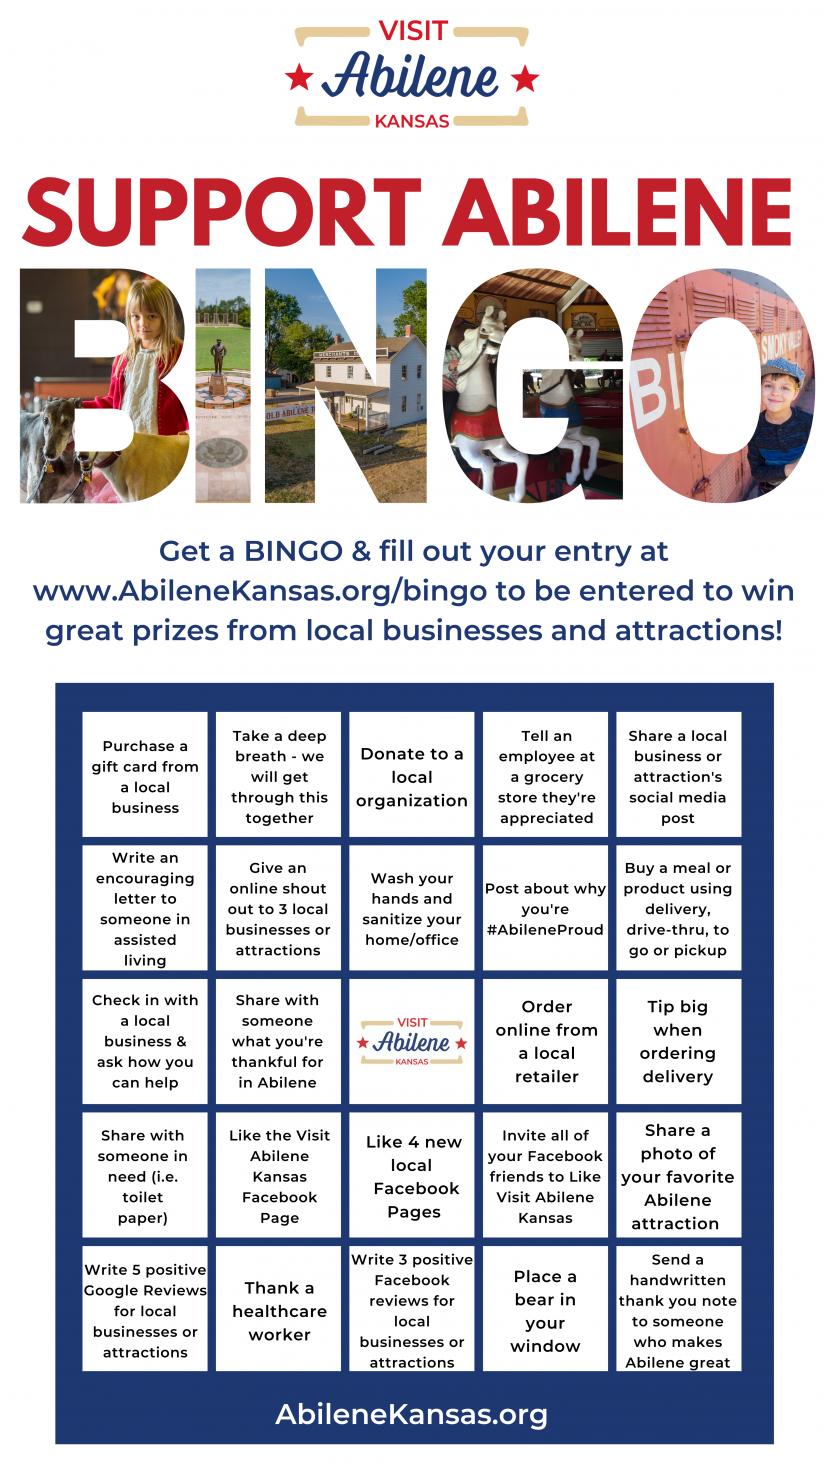 Support Abilene BINGO - Abilene,KS